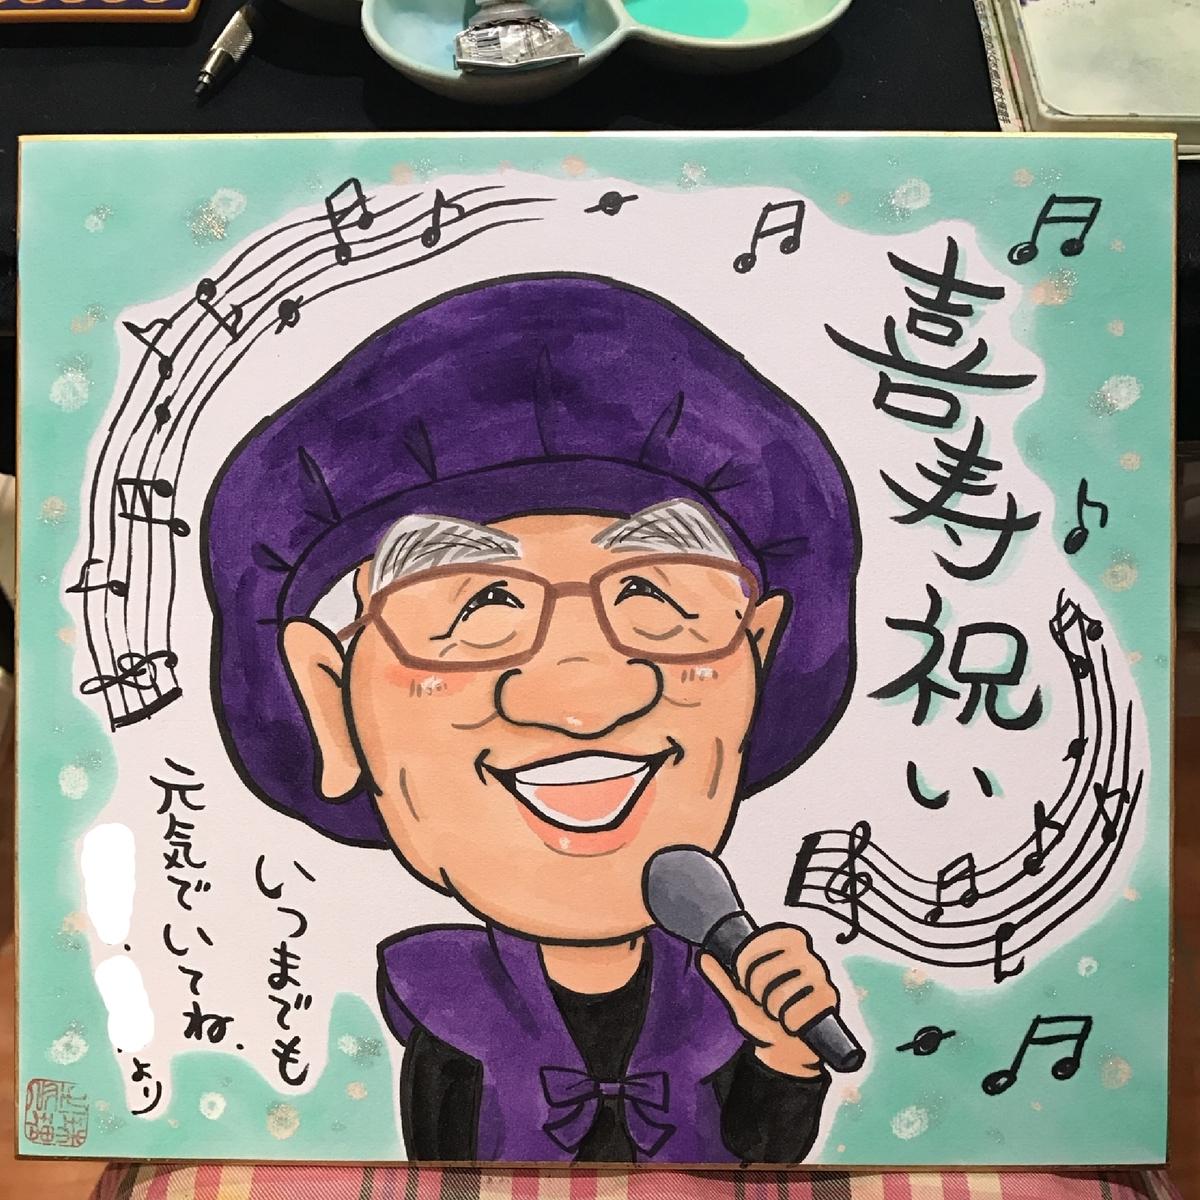 喜寿祝いの似顔絵ギフト 北海道札幌の似顔絵作家高井じゅり 似顔絵ファクトリー